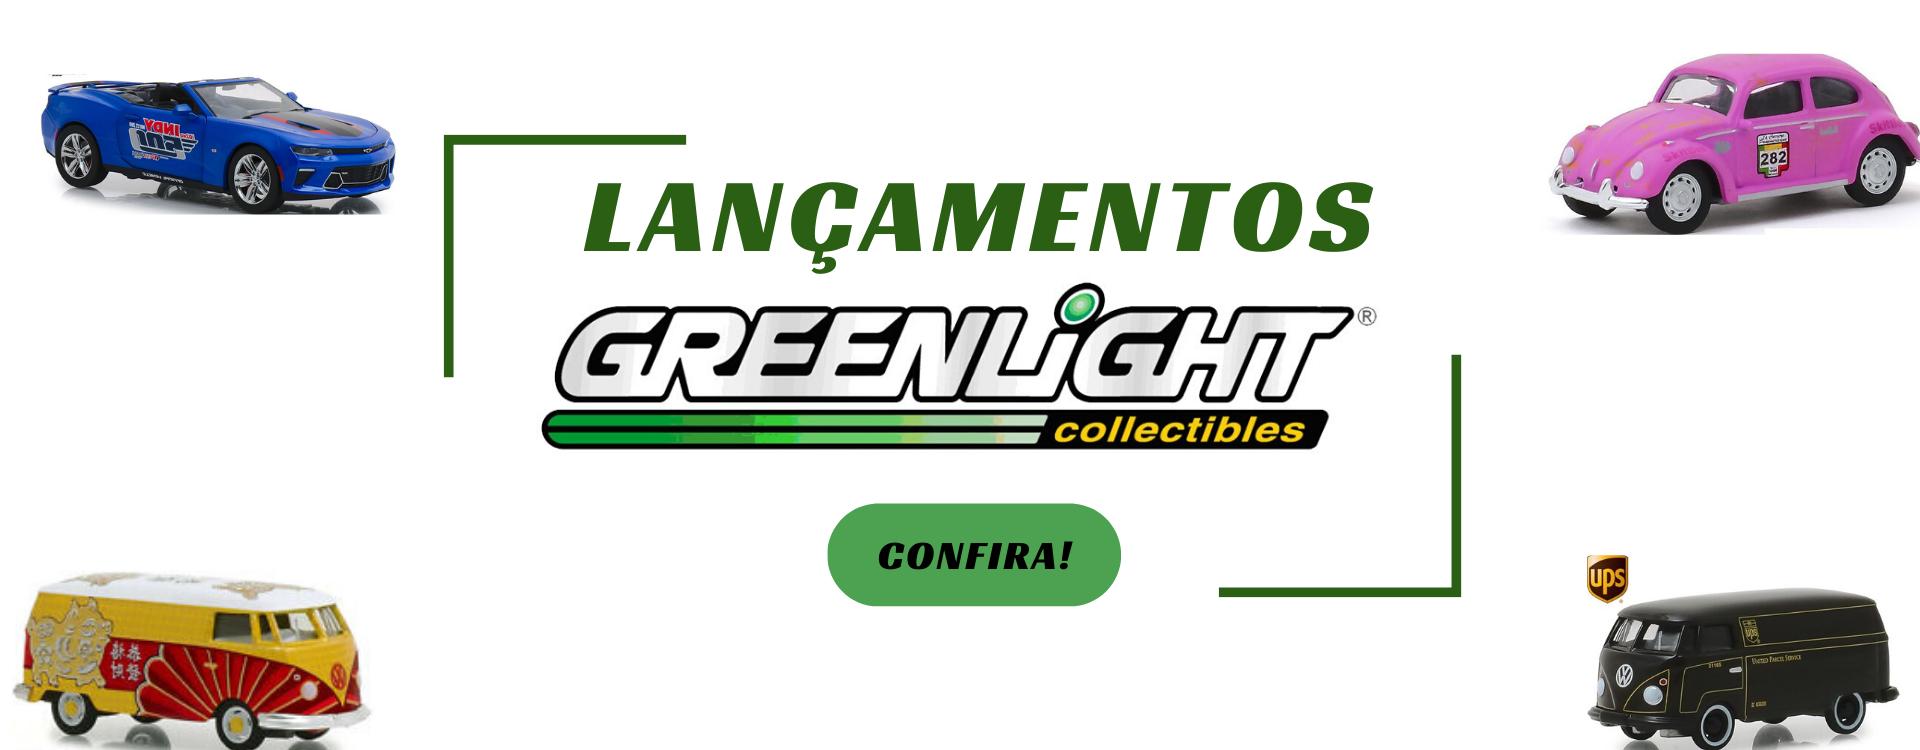 novidade green